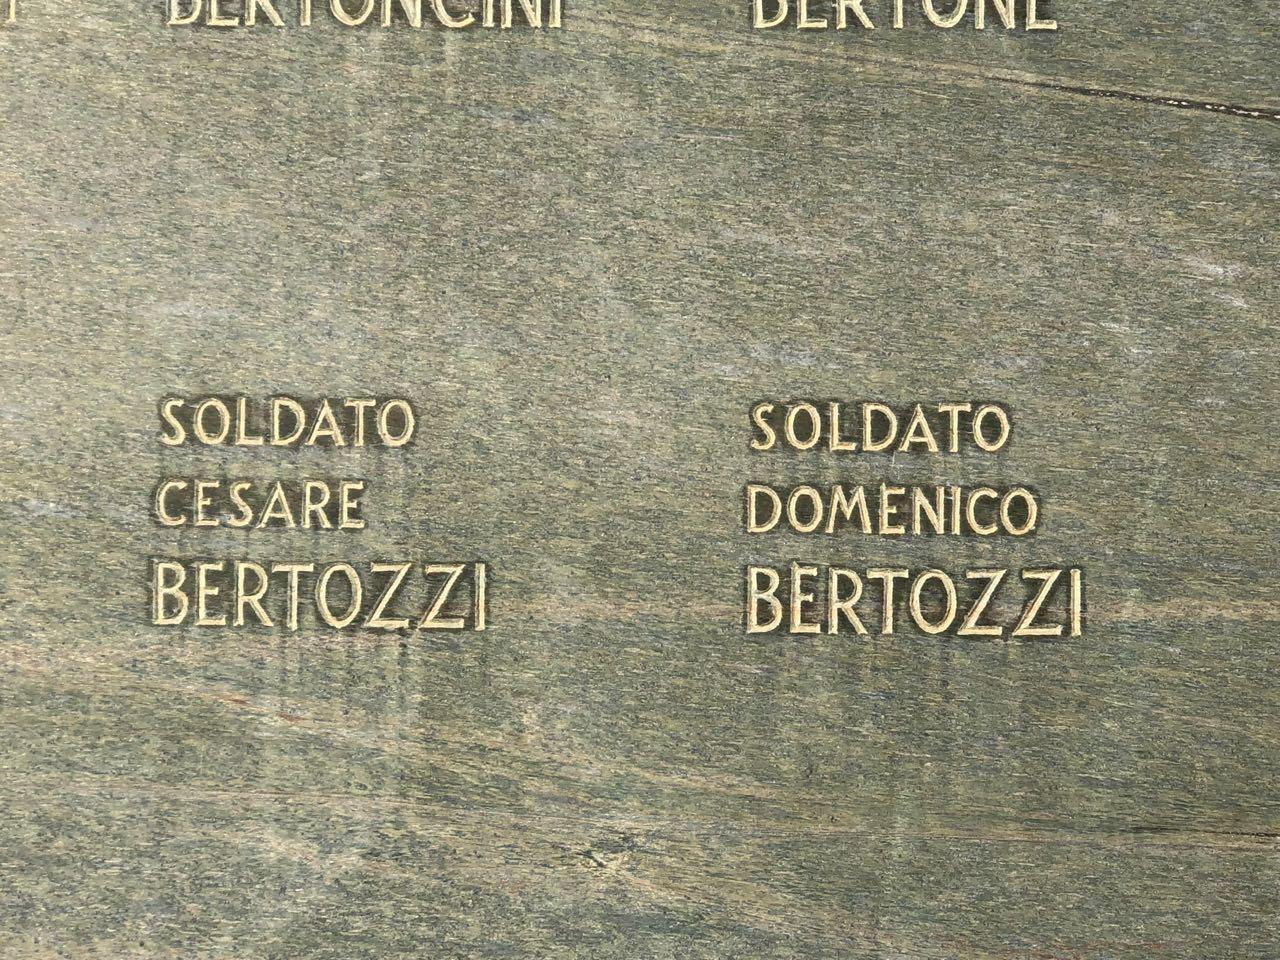 Caporetto Redipuglia Vittorio Veneto Prima Guerra Giorgio Bertozzi - 29